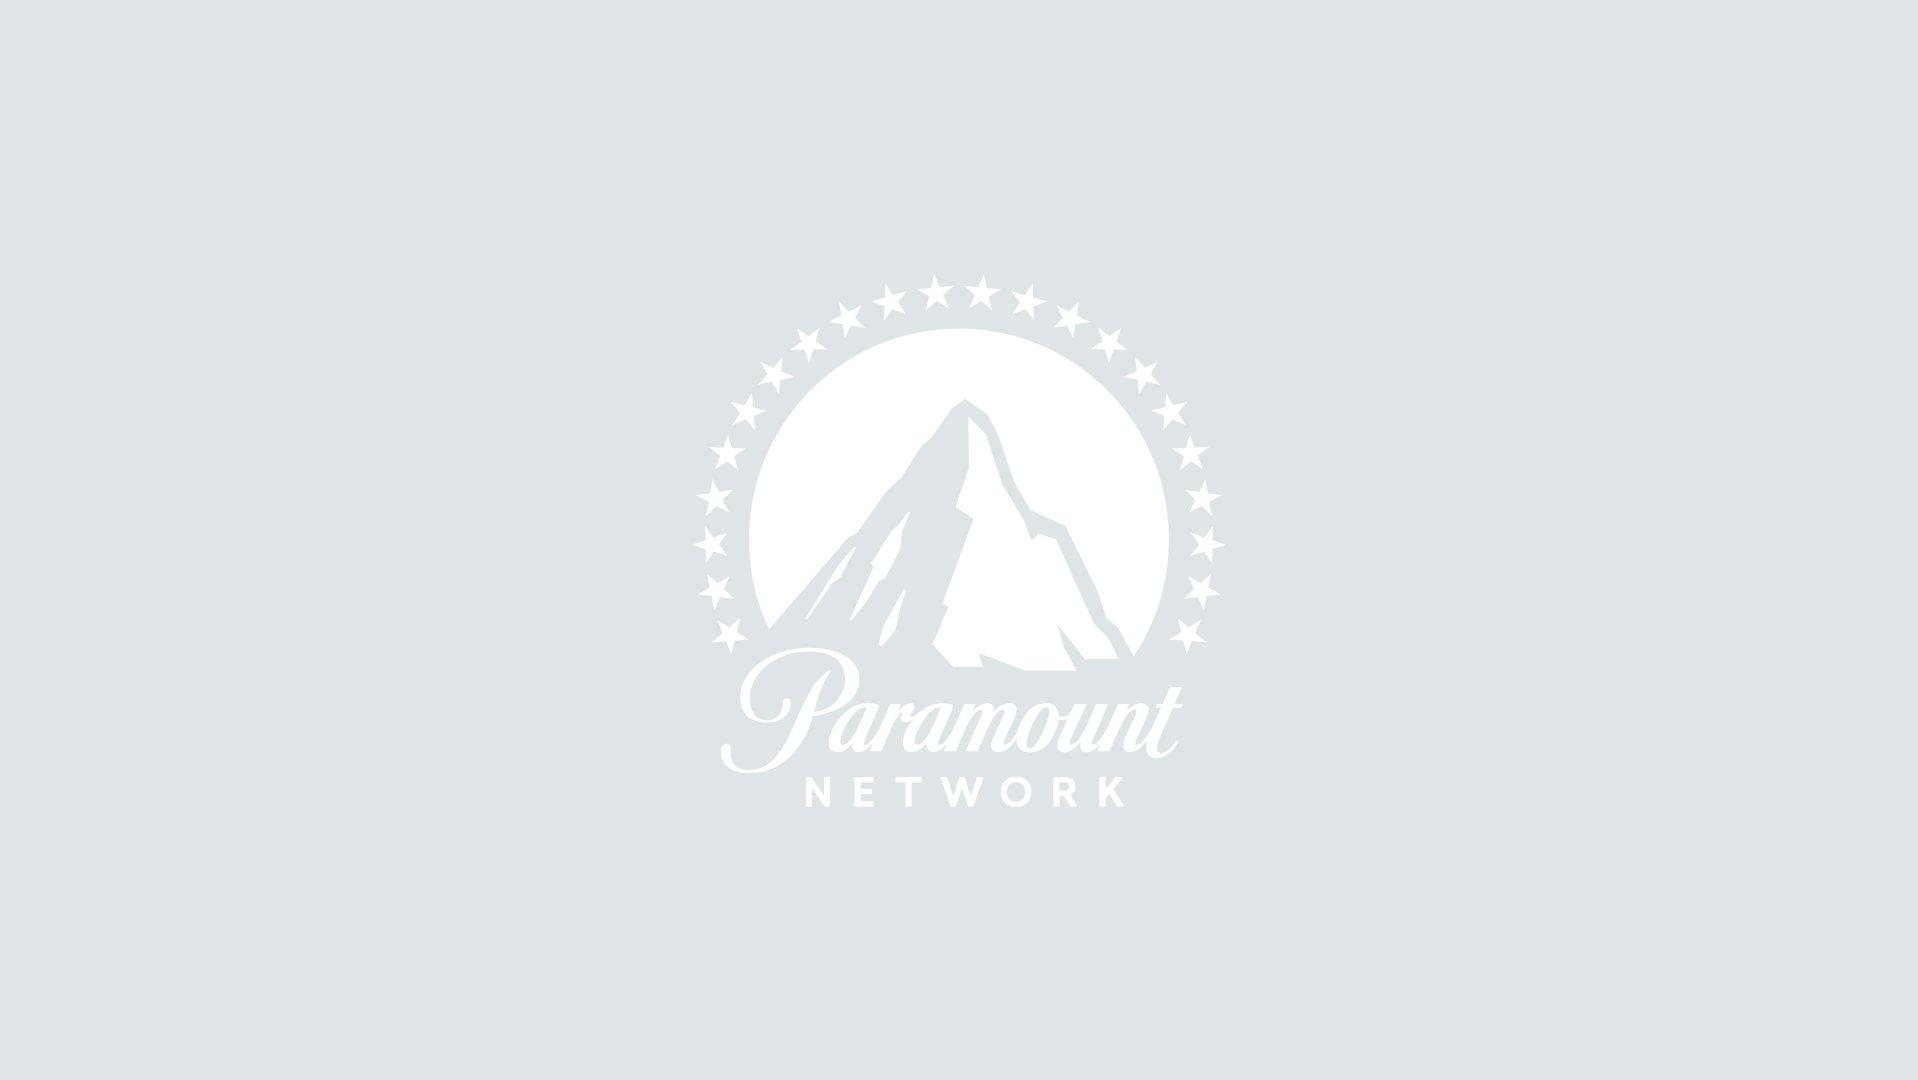 Elena e Damon (The Vampire Diaries), foto: Getty Images